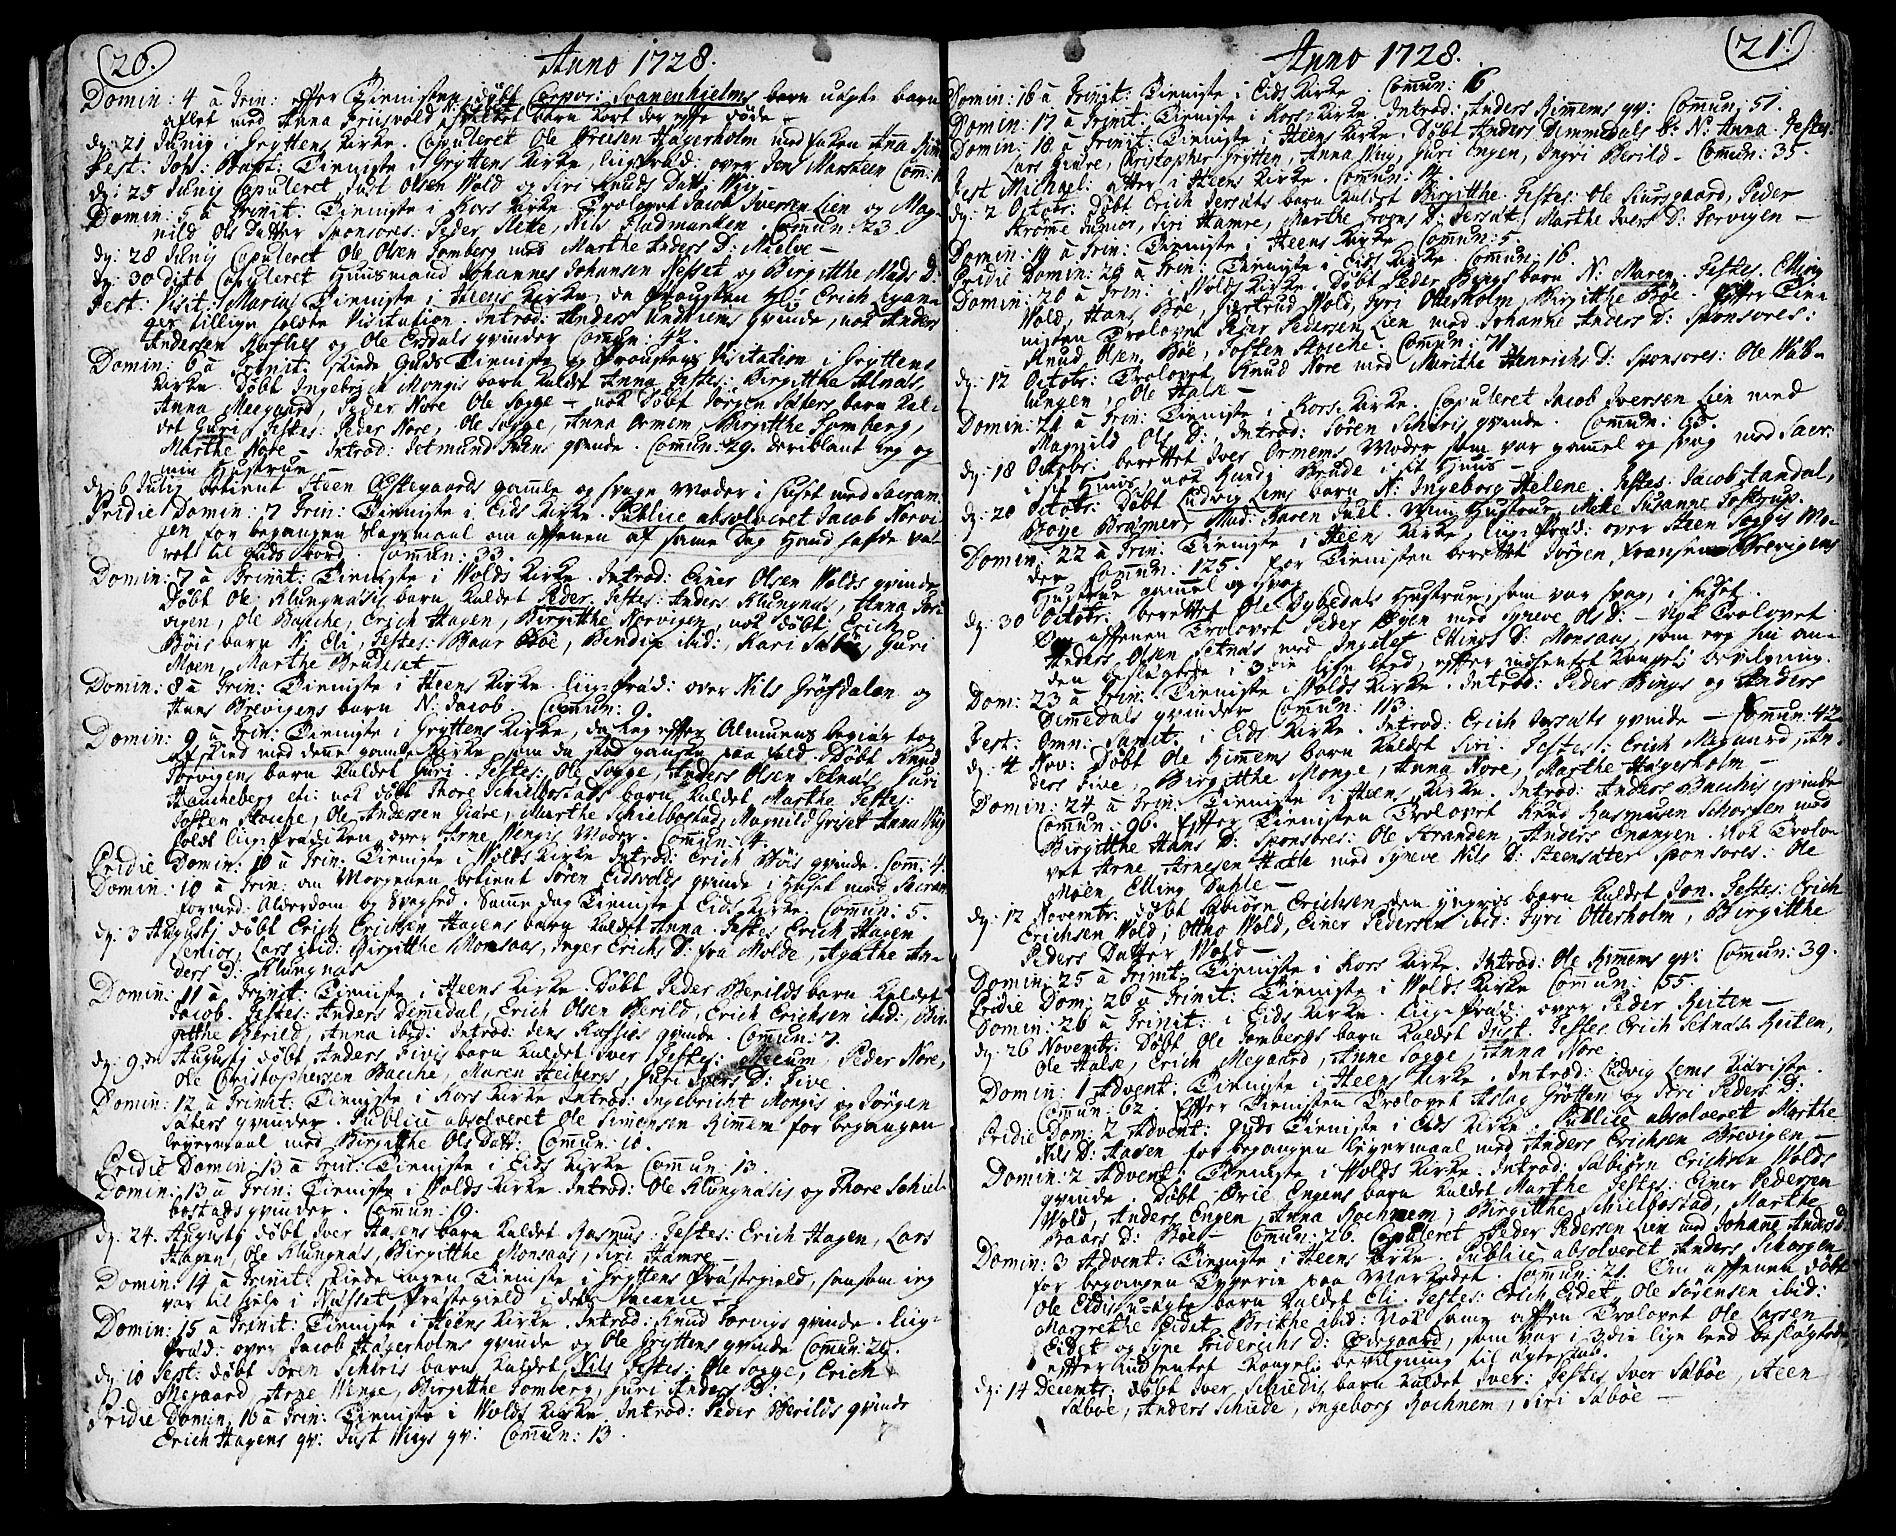 SAT, Ministerialprotokoller, klokkerbøker og fødselsregistre - Møre og Romsdal, 544/L0568: Ministerialbok nr. 544A01, 1725-1763, s. 20-21